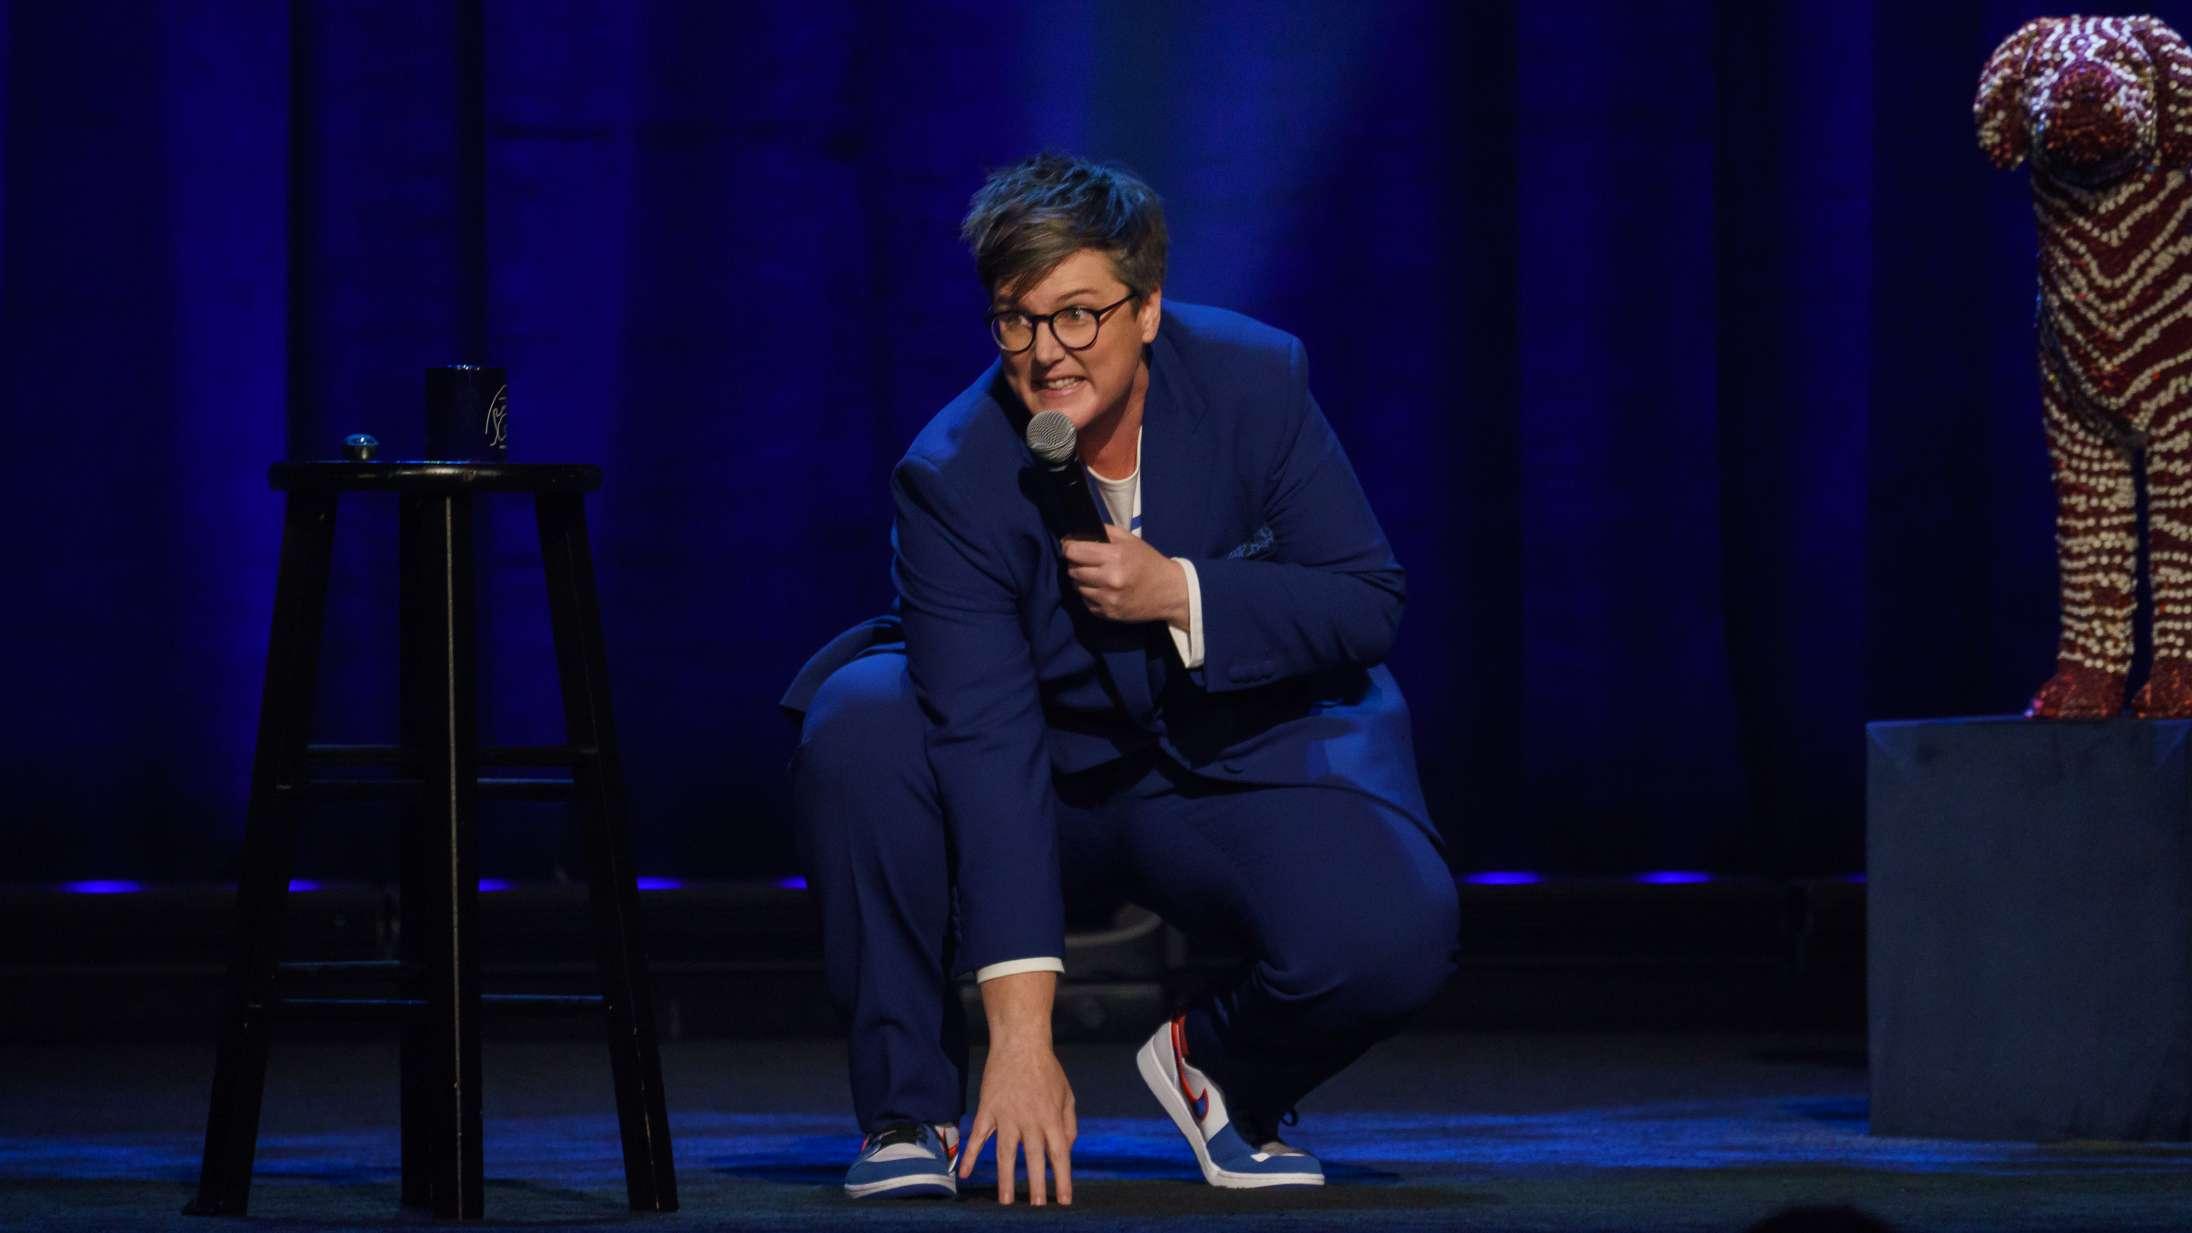 'Hannah Gadsby: Douglas': Tidens hotteste komiker er den eneste ædru i et rum fyldt med fulde mennesker